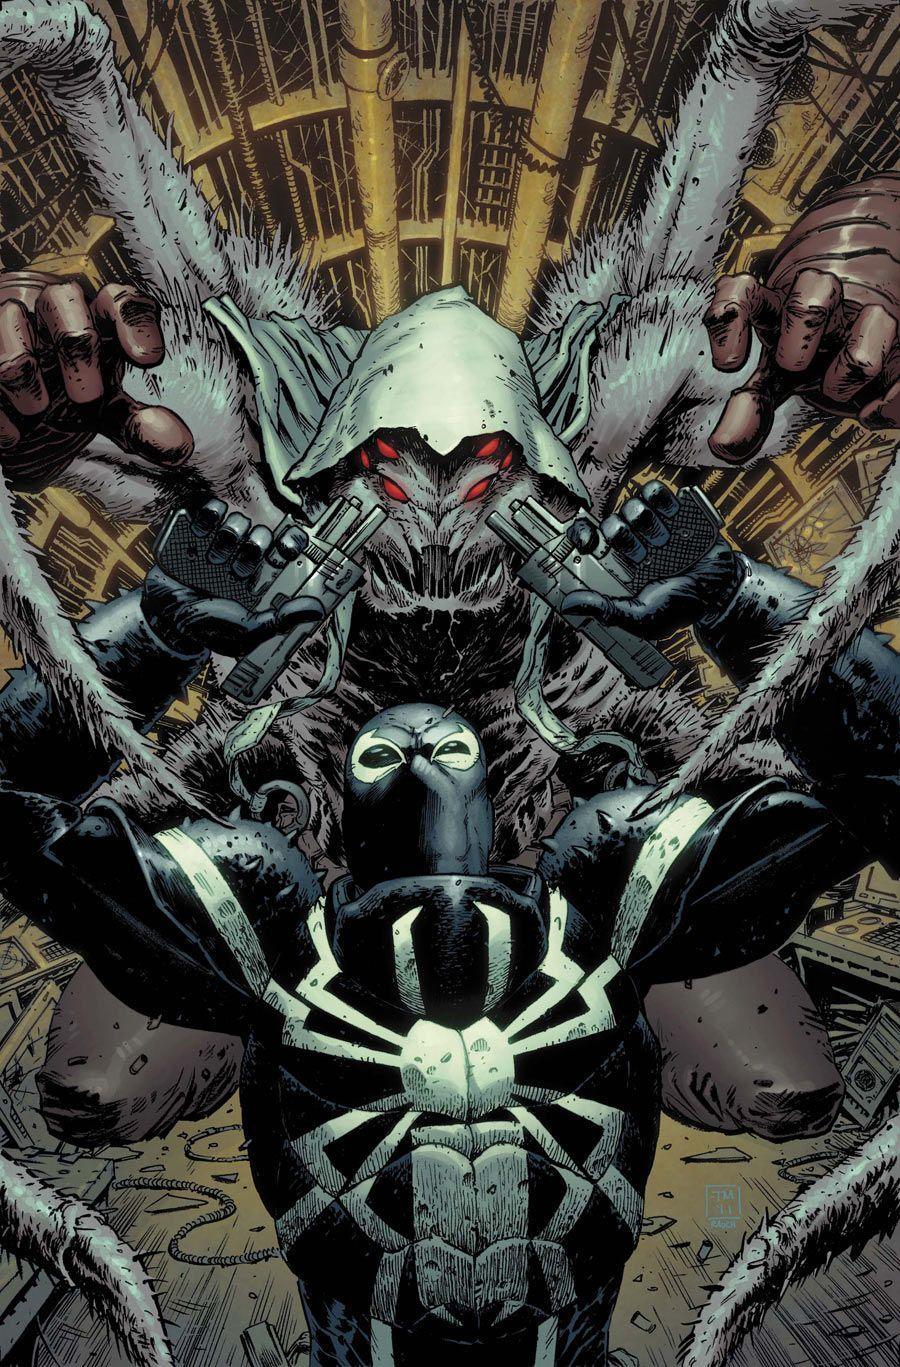 Spider King (Steven Rogers)